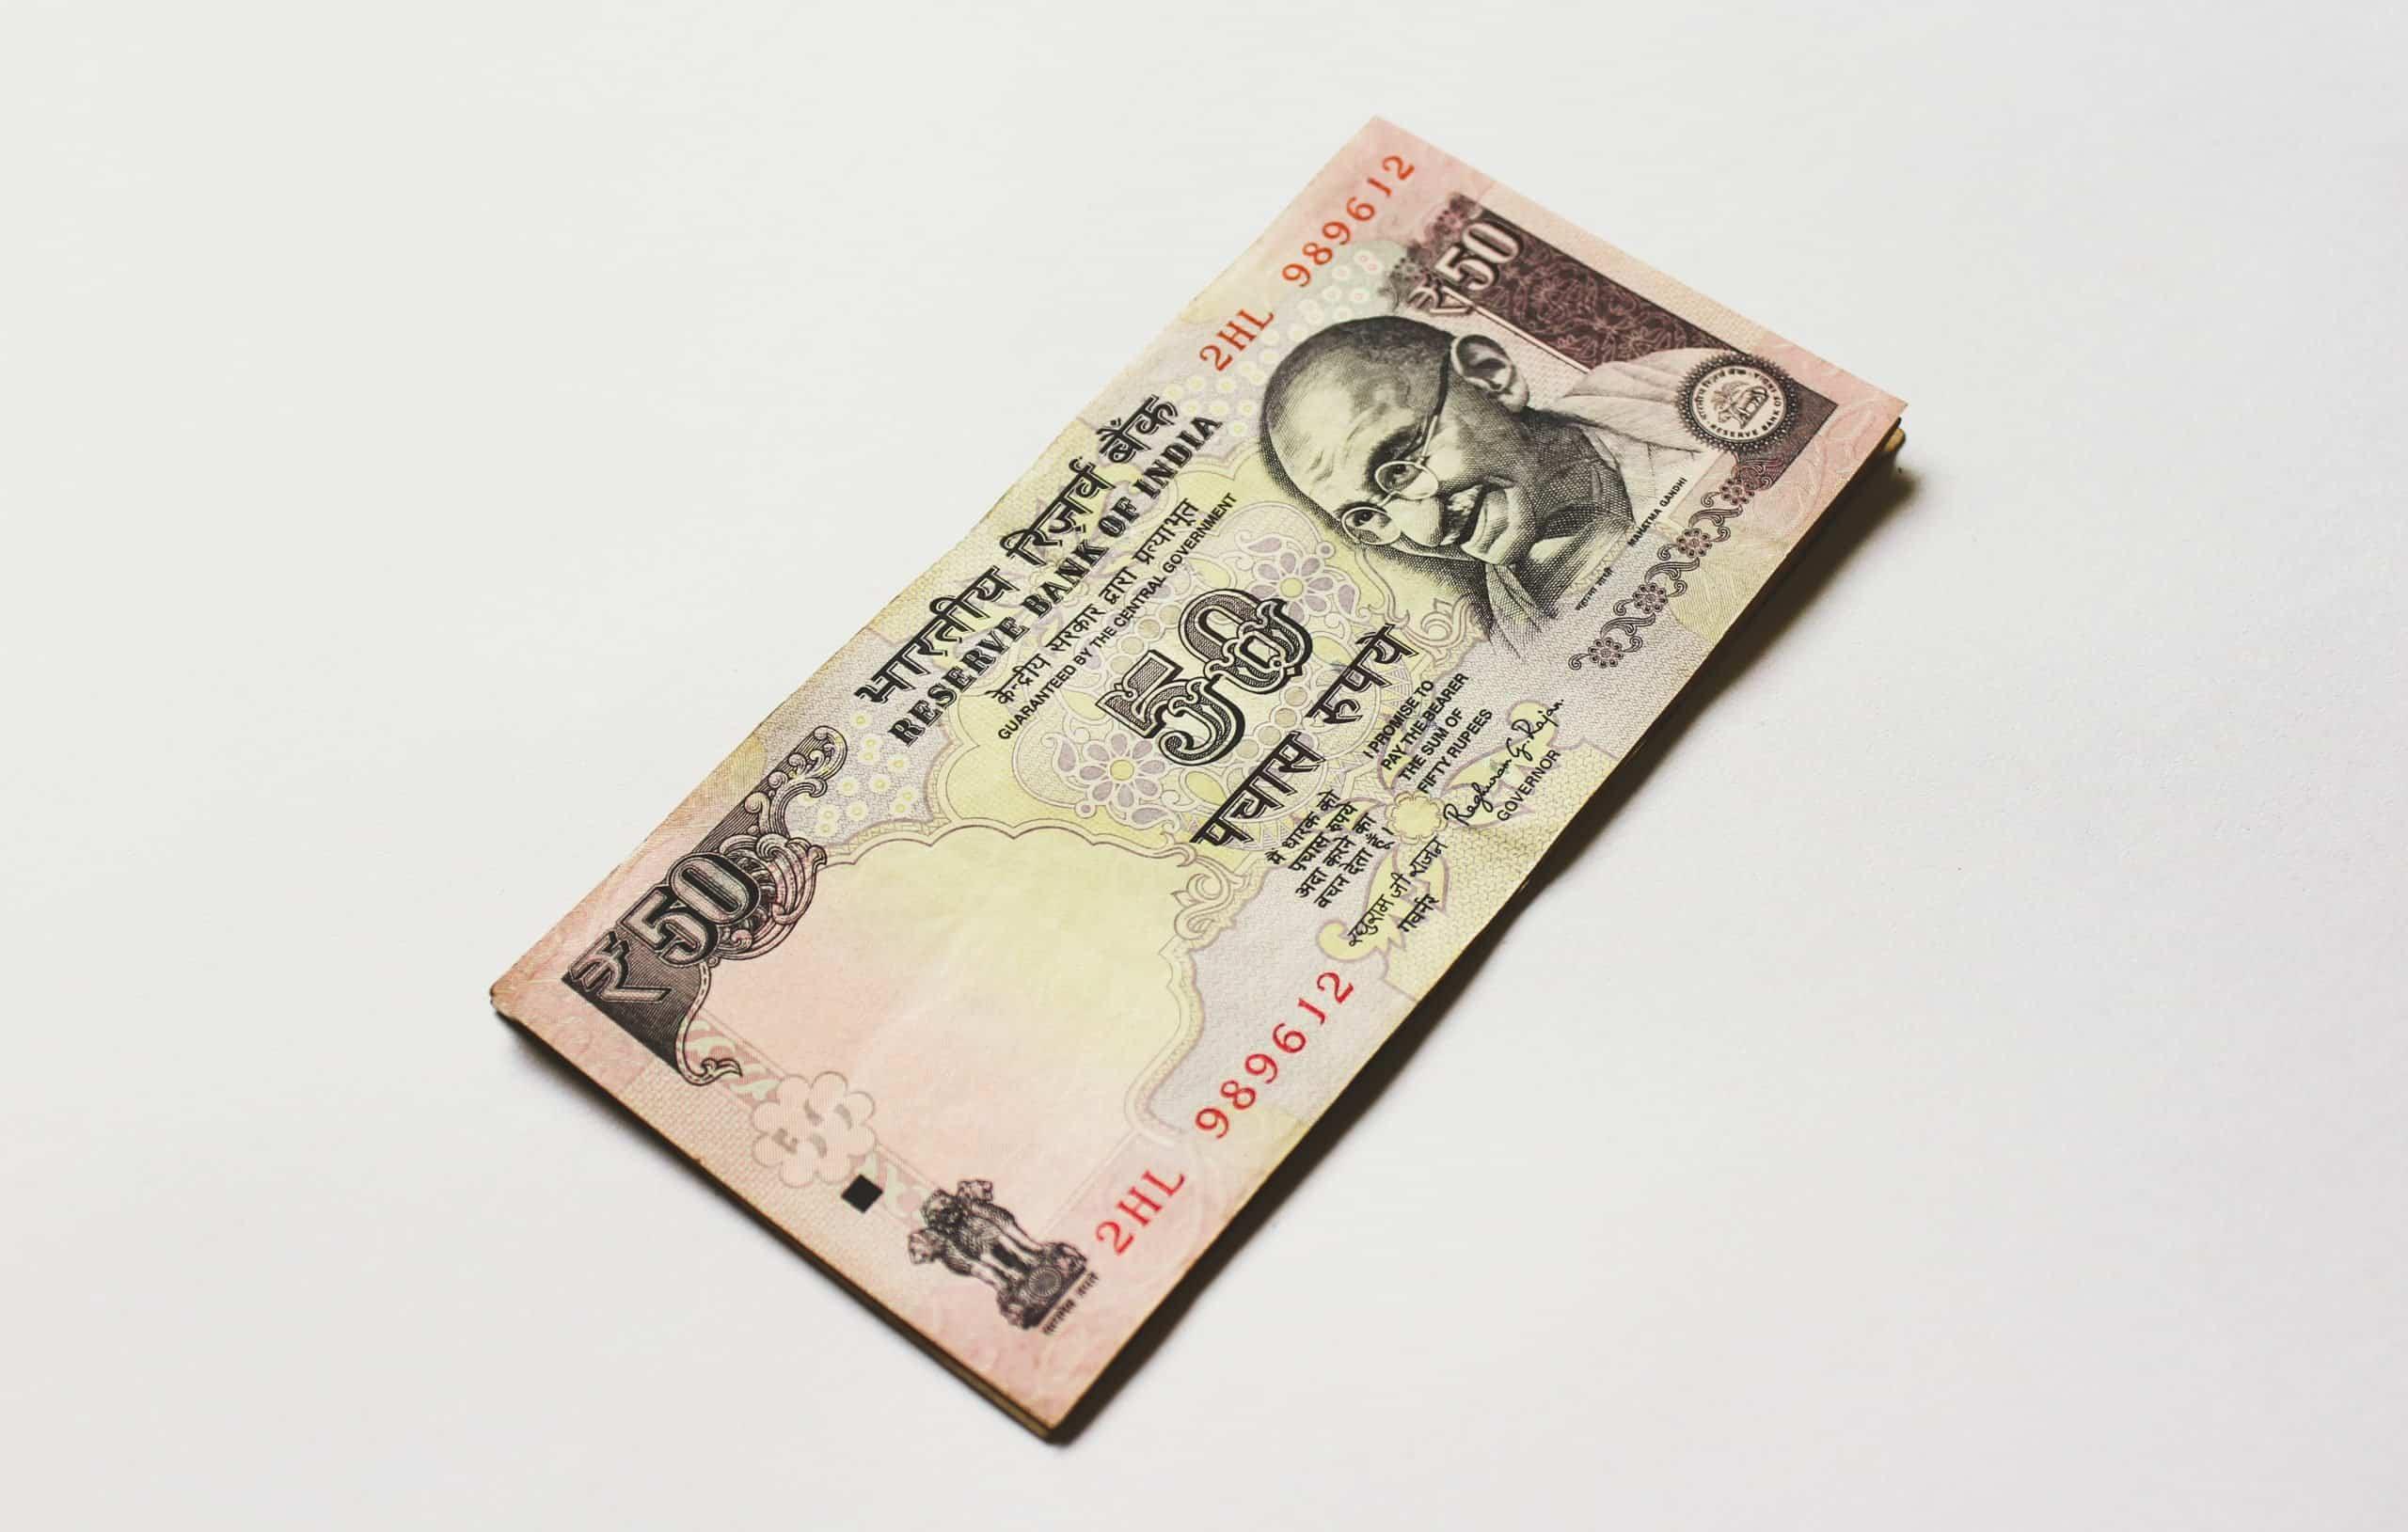 Opțiuni de schimb valutar. Opțiune valutară cu acoperire a depozitului: caracteristici, condiții